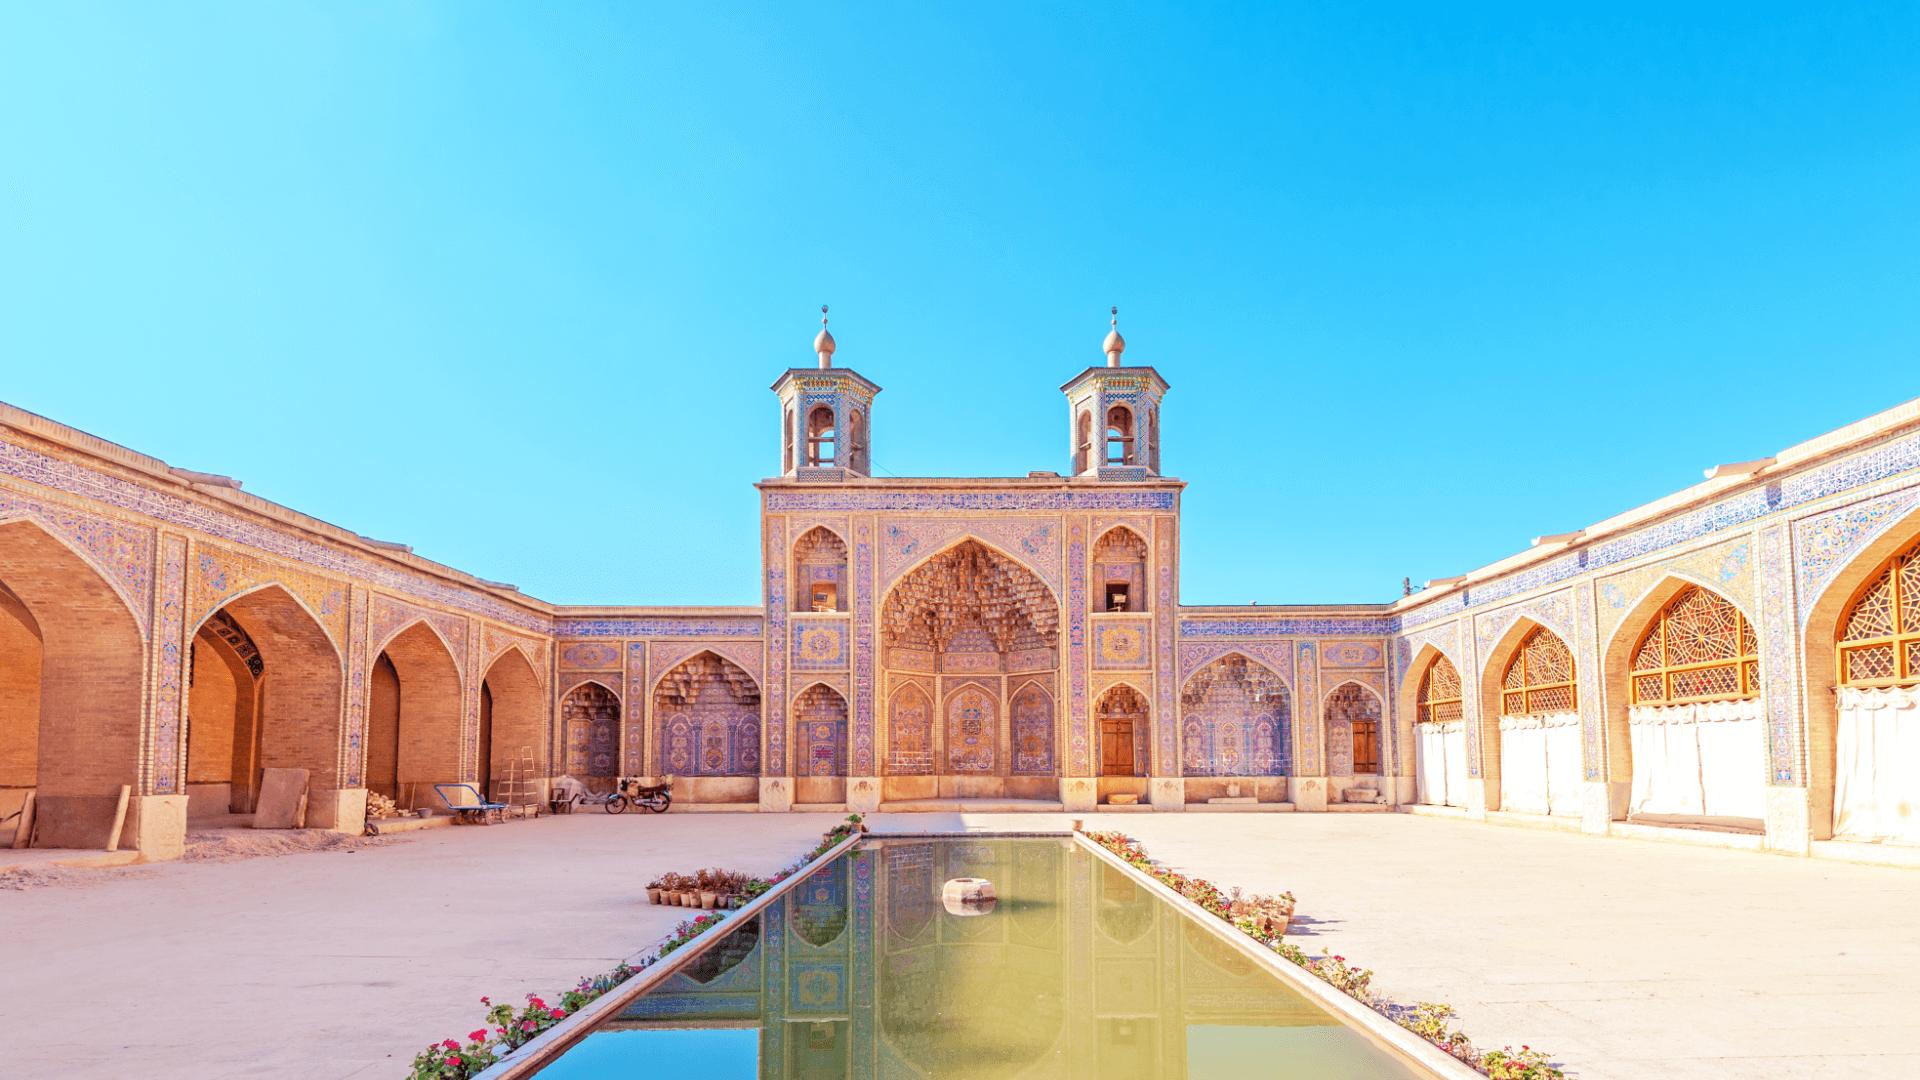 İçinde Gökkuşağını Saklayan Zarafet, Nasir ol-Molk Camisi, Şiraz, İran